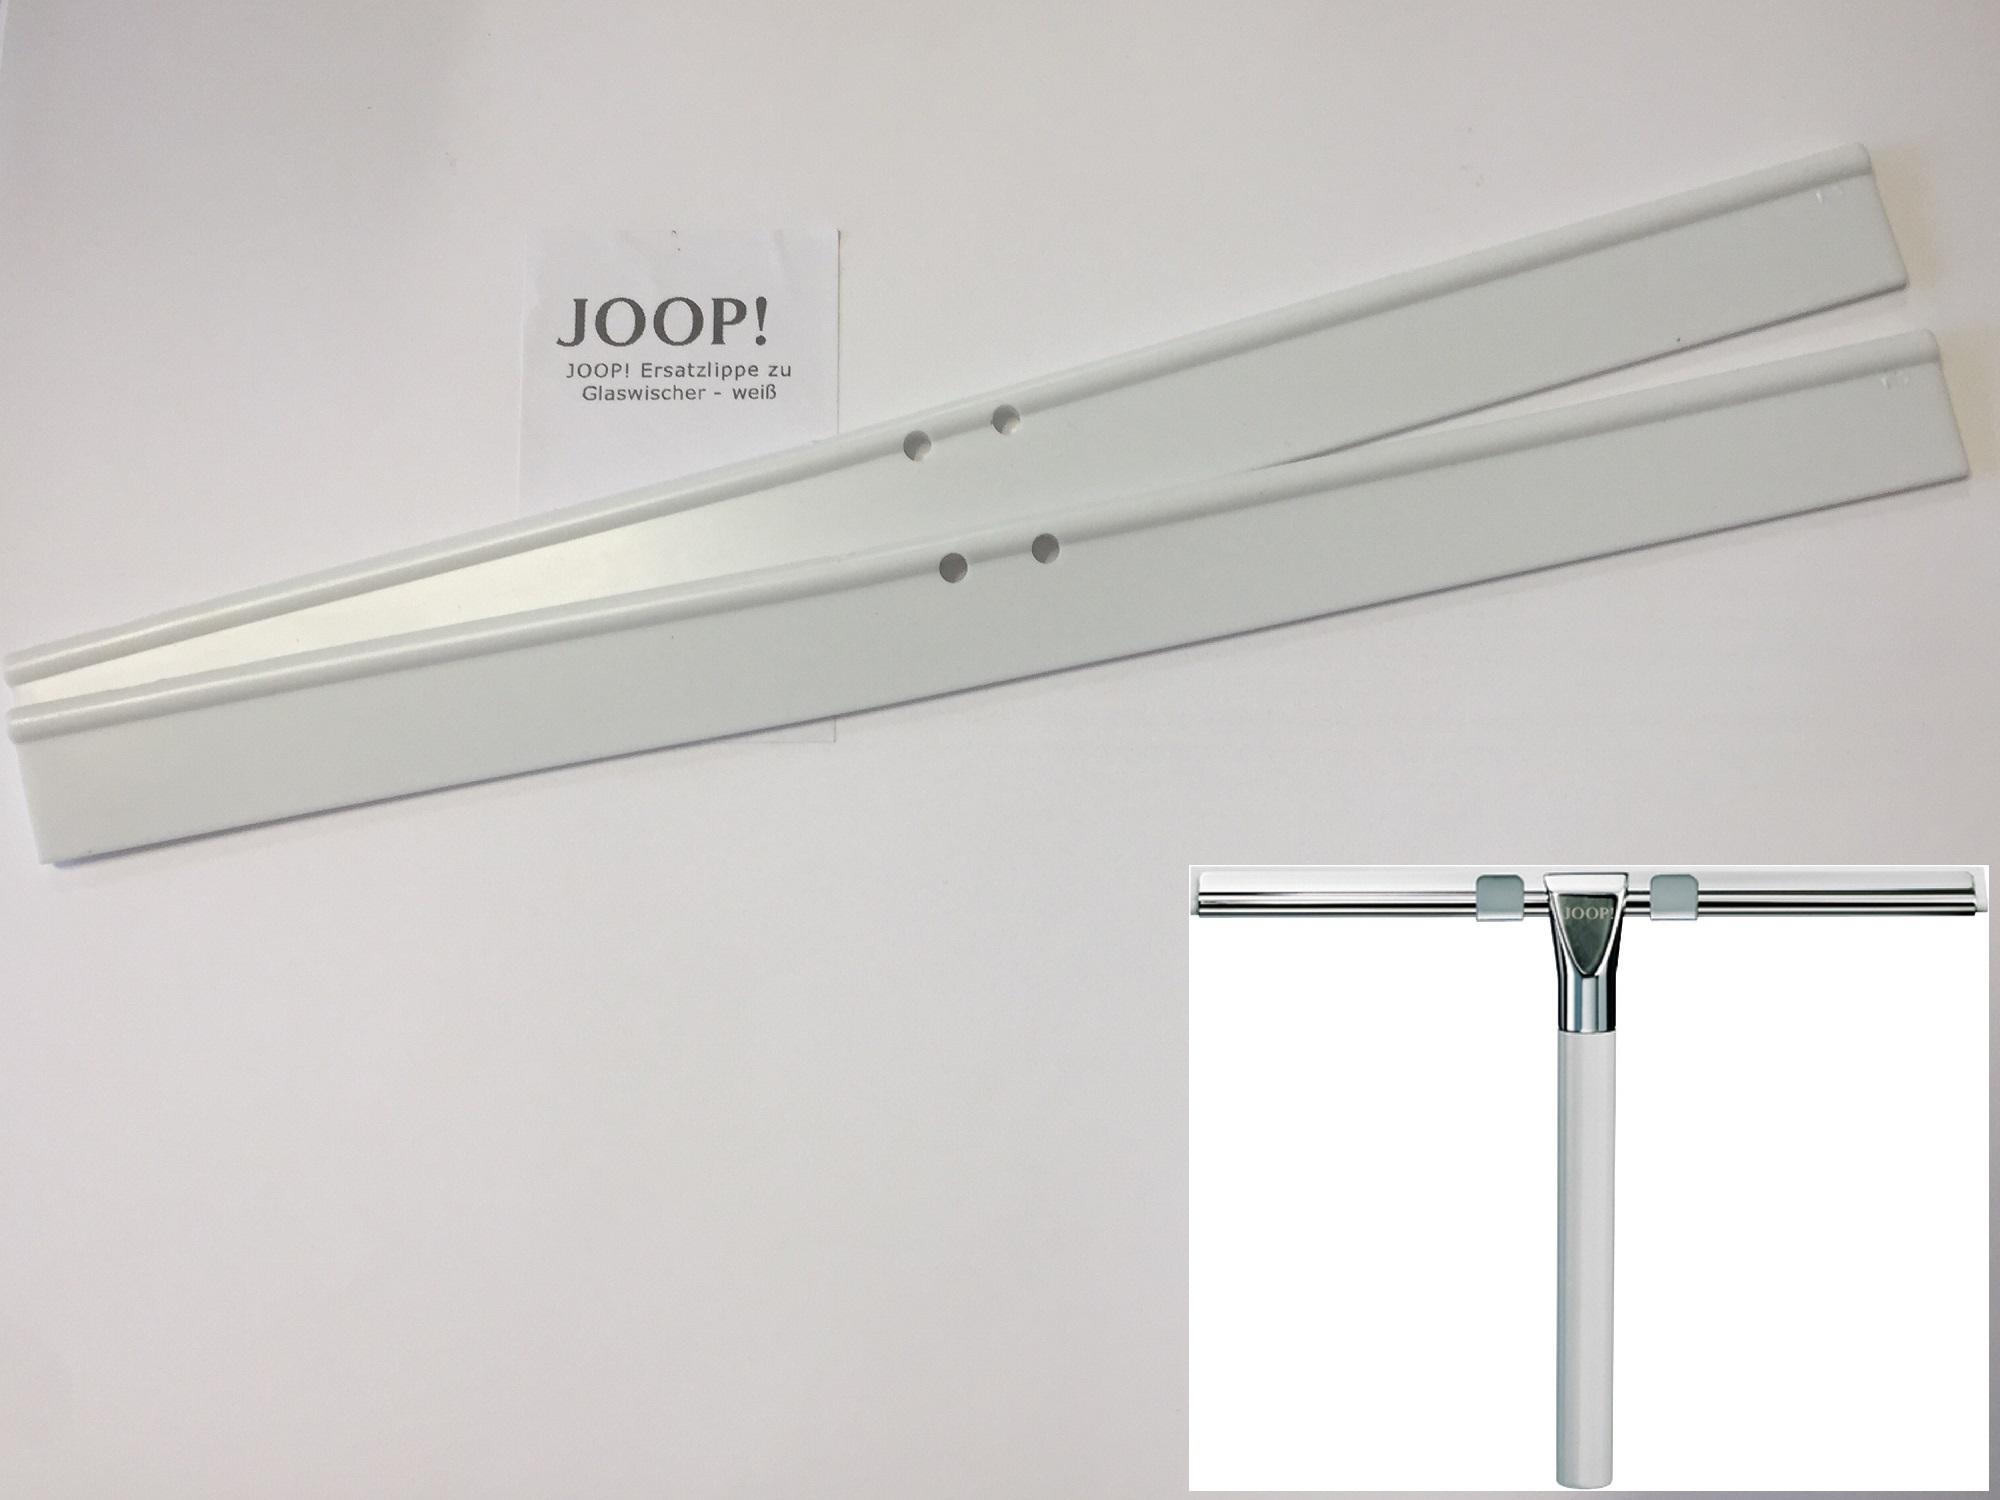 JOOP! Ersatzlippe zu Glaswischer weiß 2 Stück